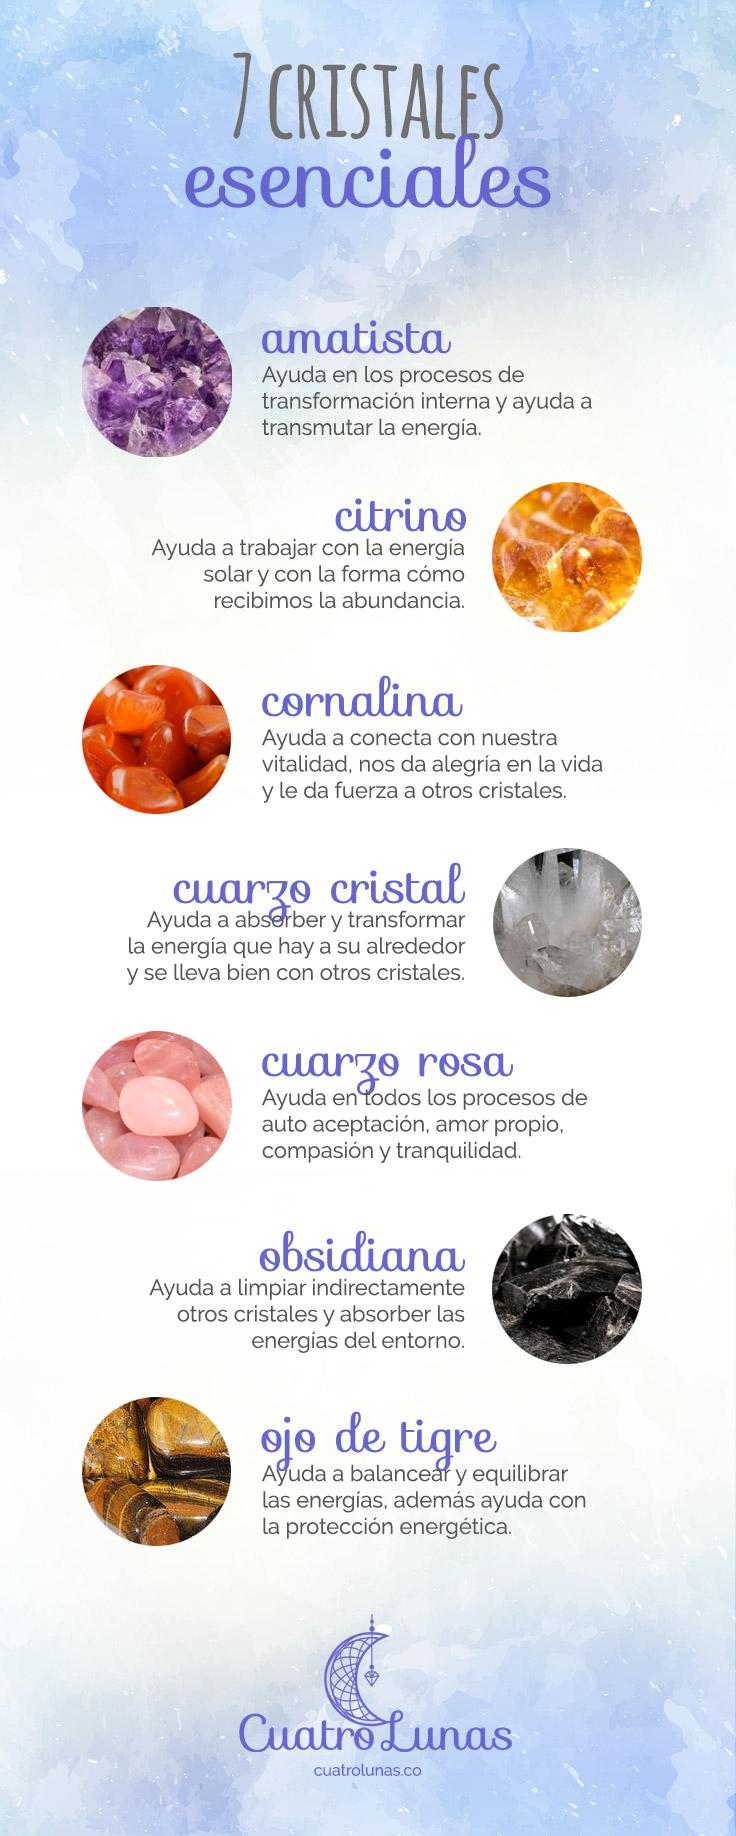 7 Cristales Esenciales